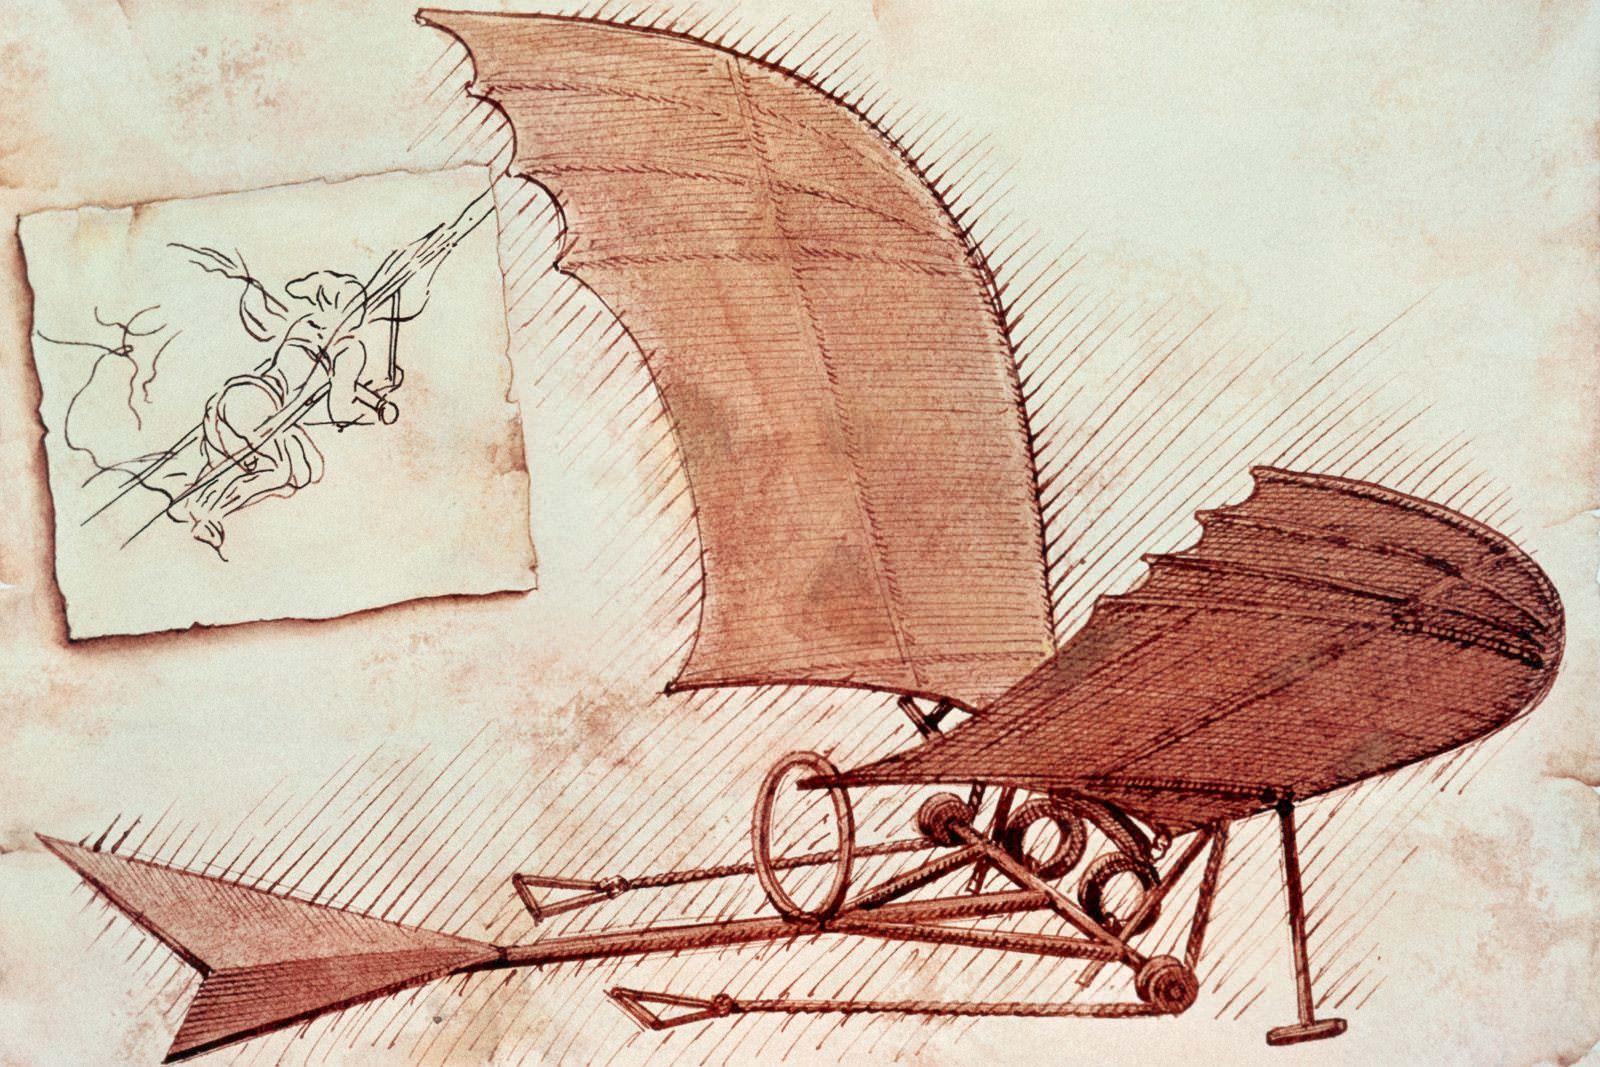 Leonardo da Vinci dream of flying